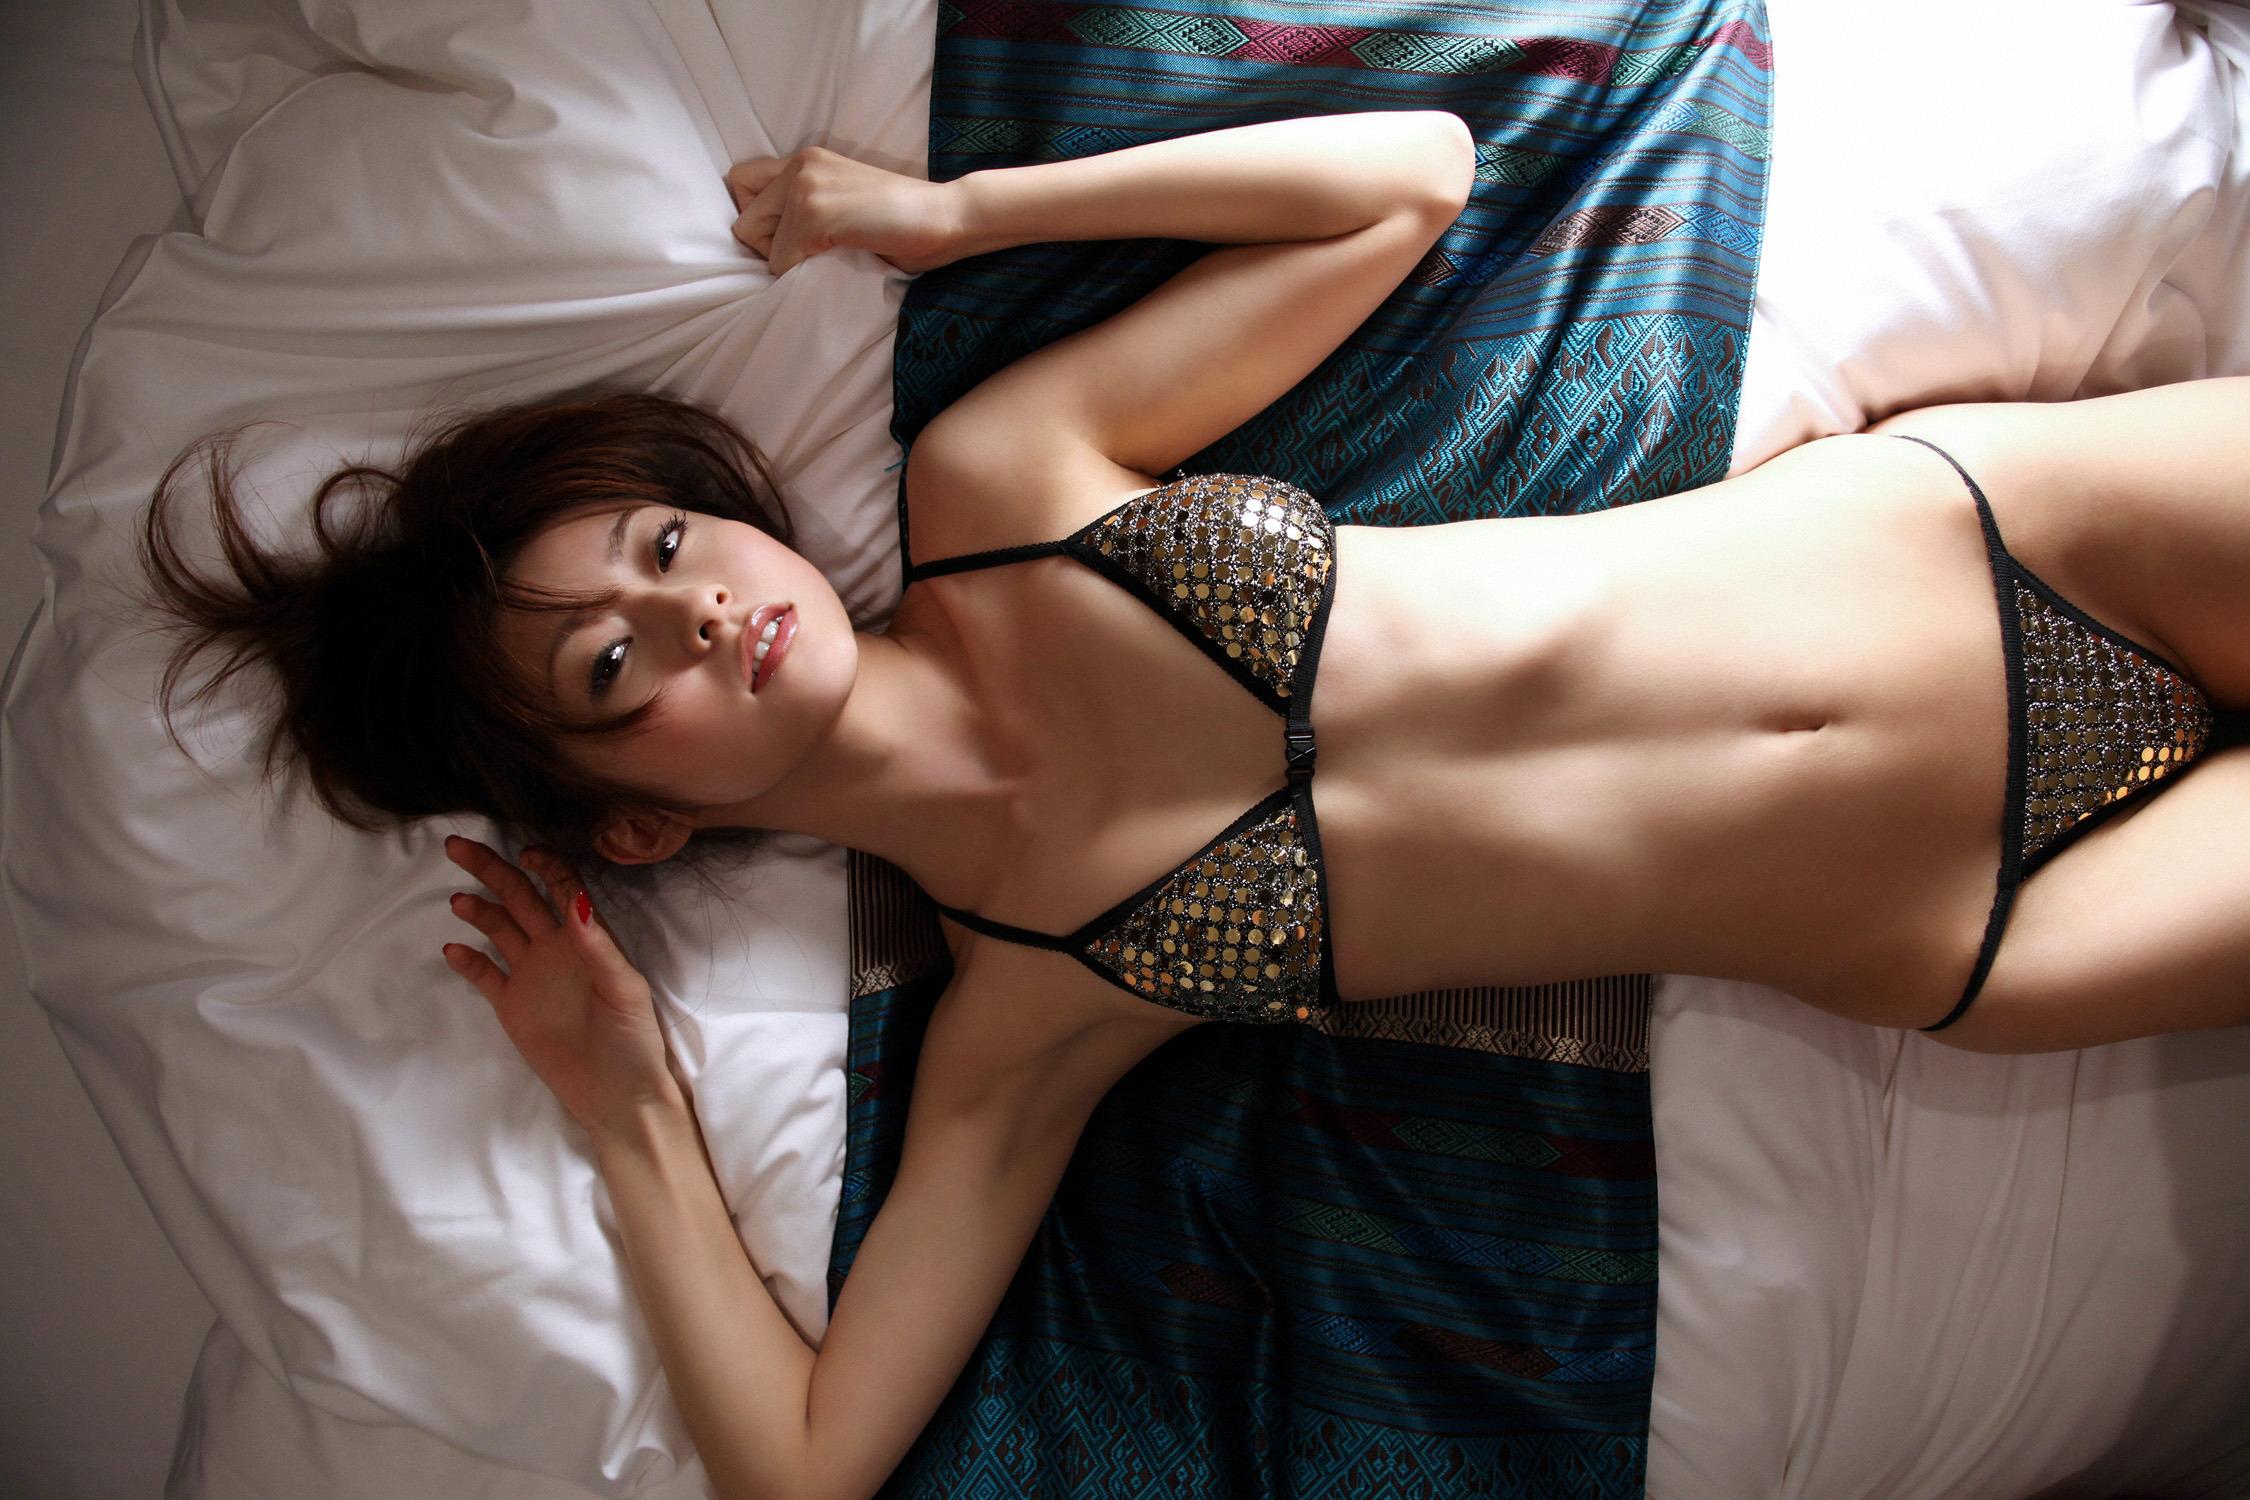 Частные фото девушки в сексуальном белье, Голые в нижнем белье на фото - полу обнаженные 9 фотография